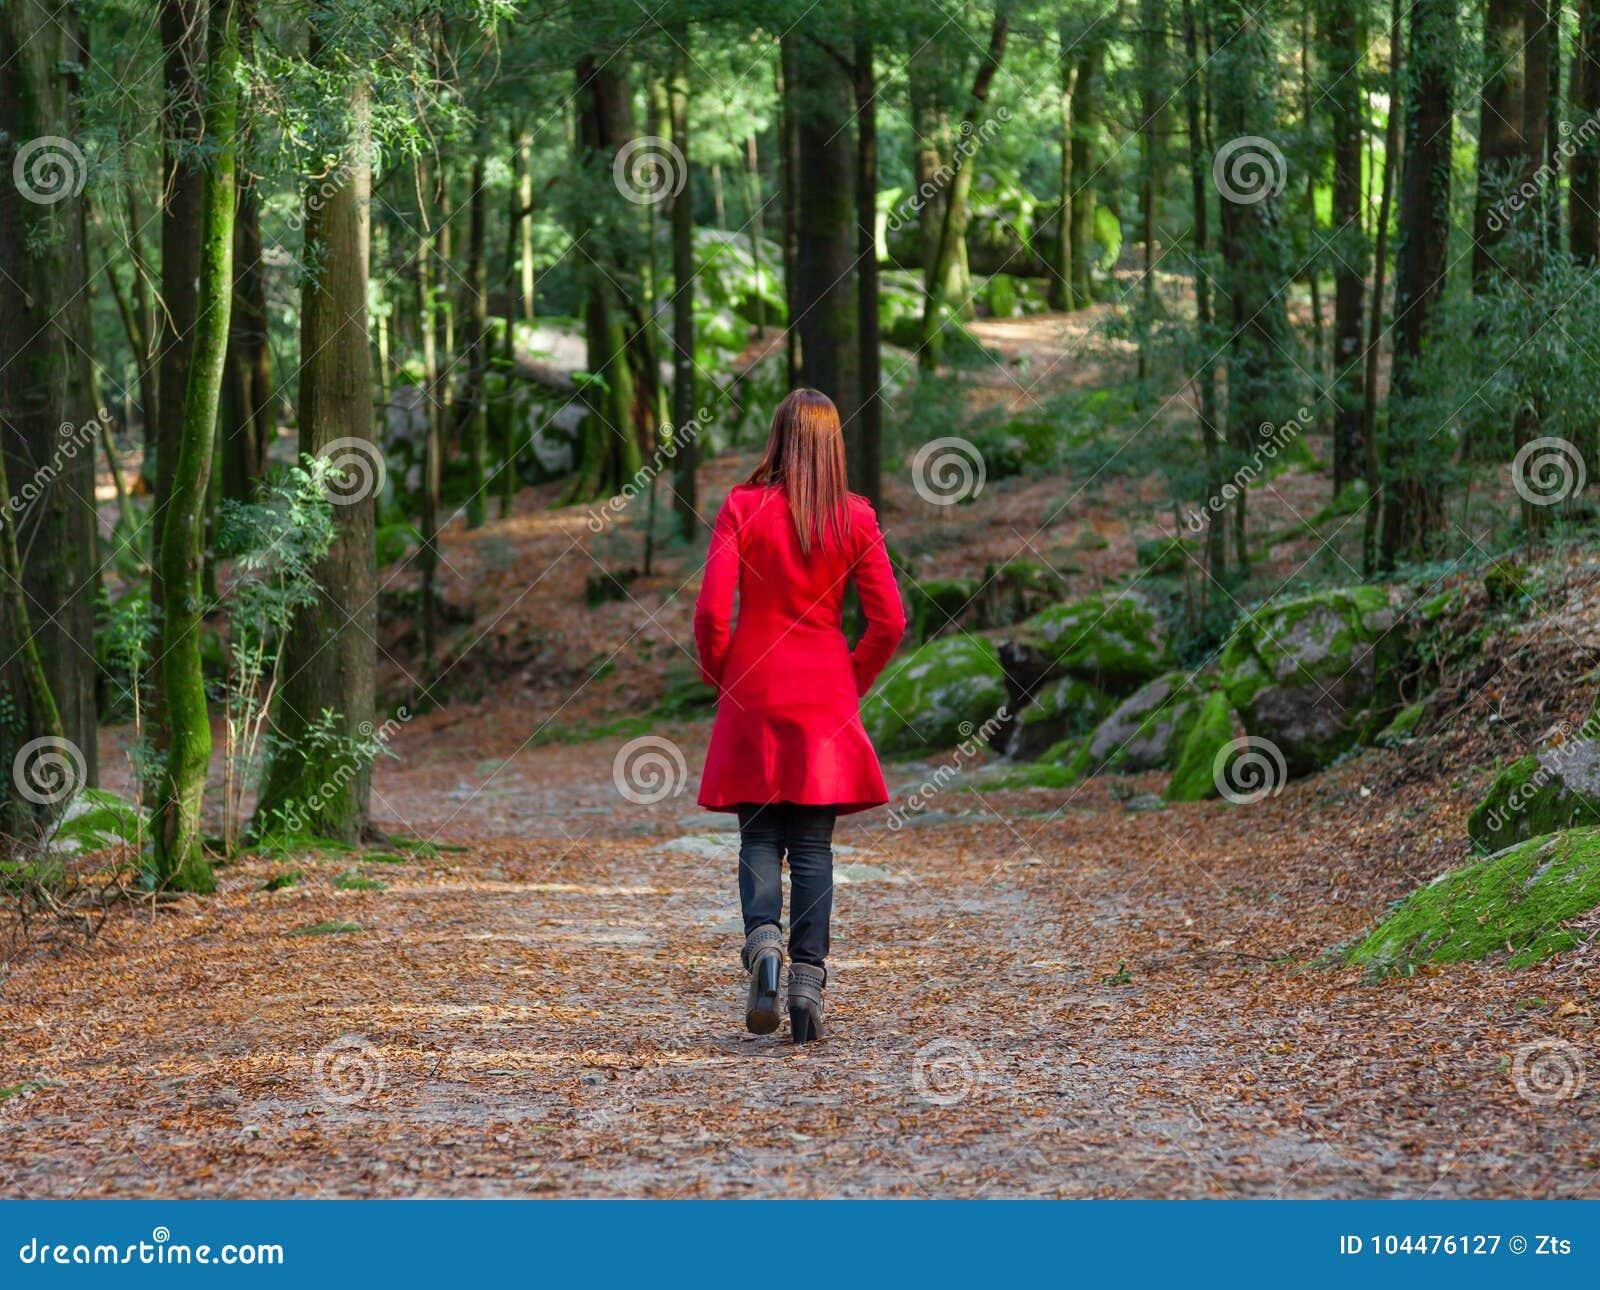 Junge Frau, die weg allein auf den Waldweg trägt roten langen Mantel geht